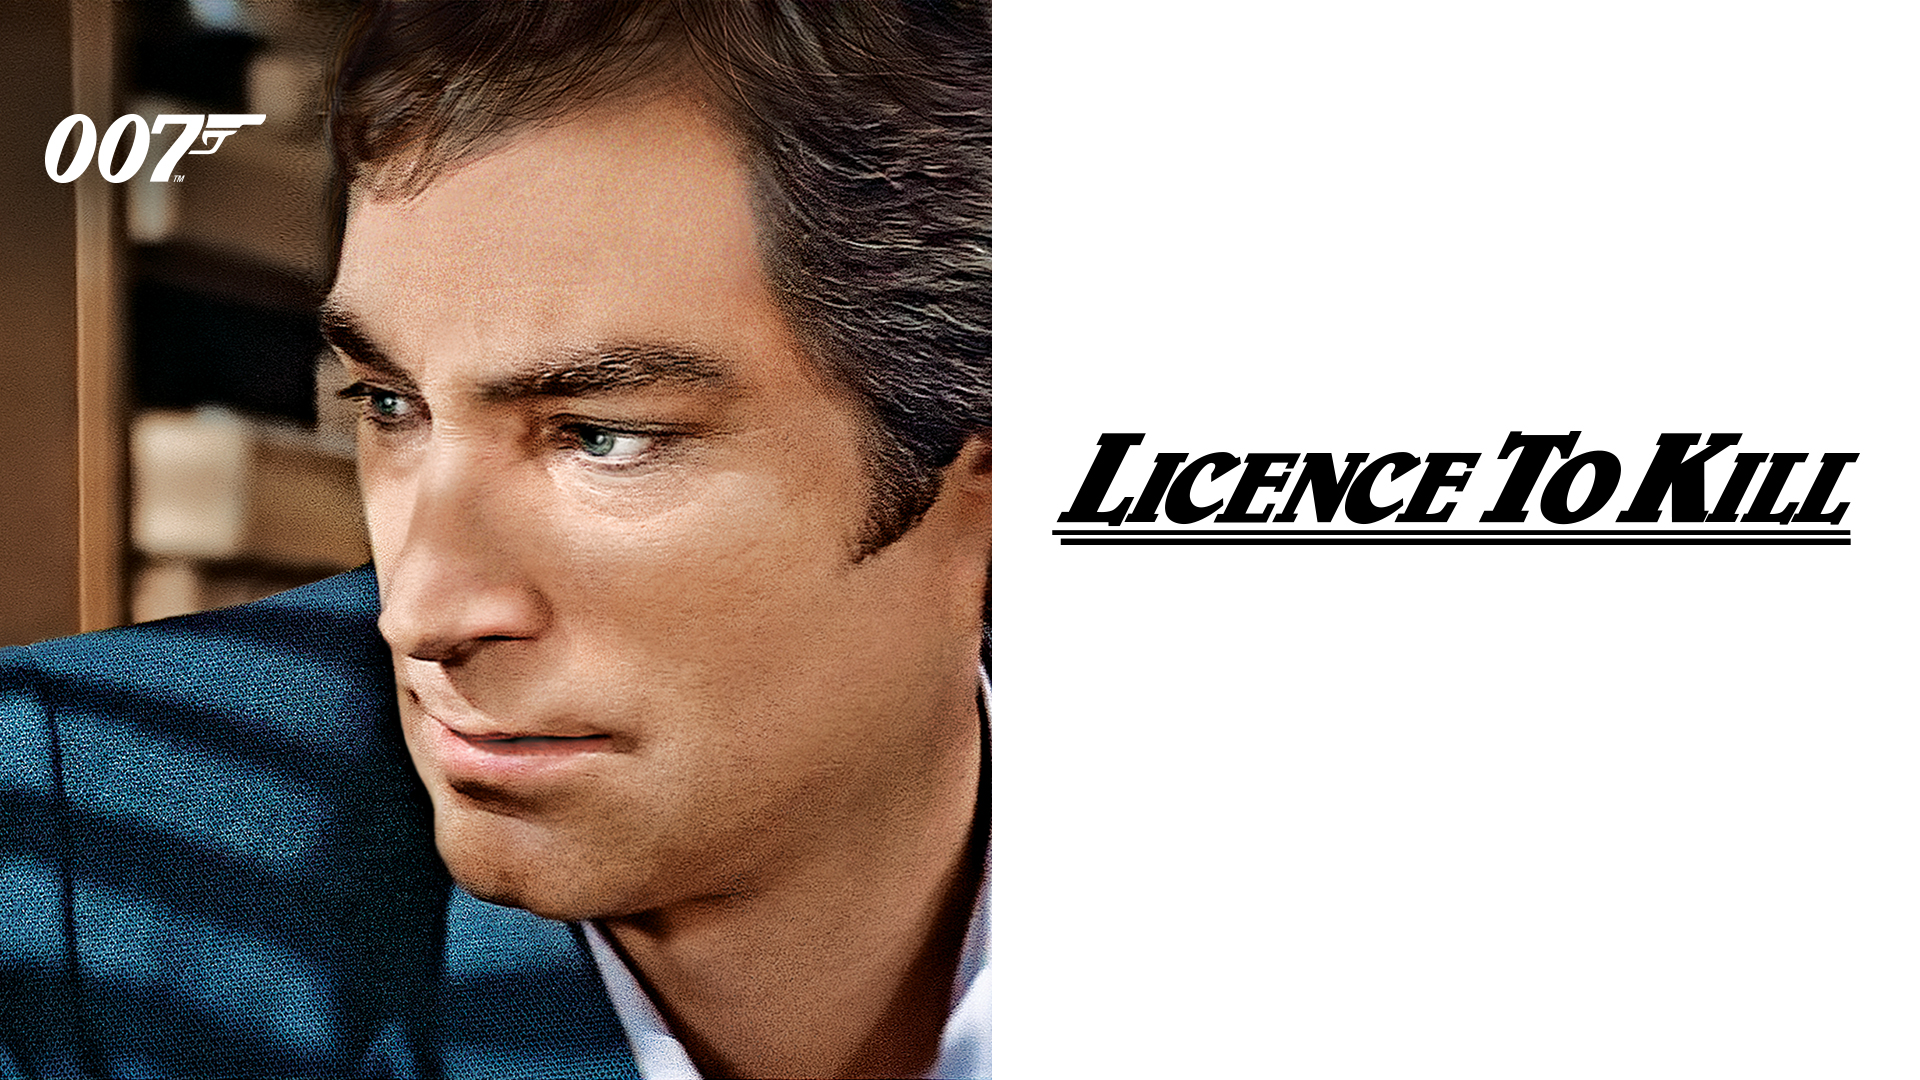 Licence to Kill (4K UHD)